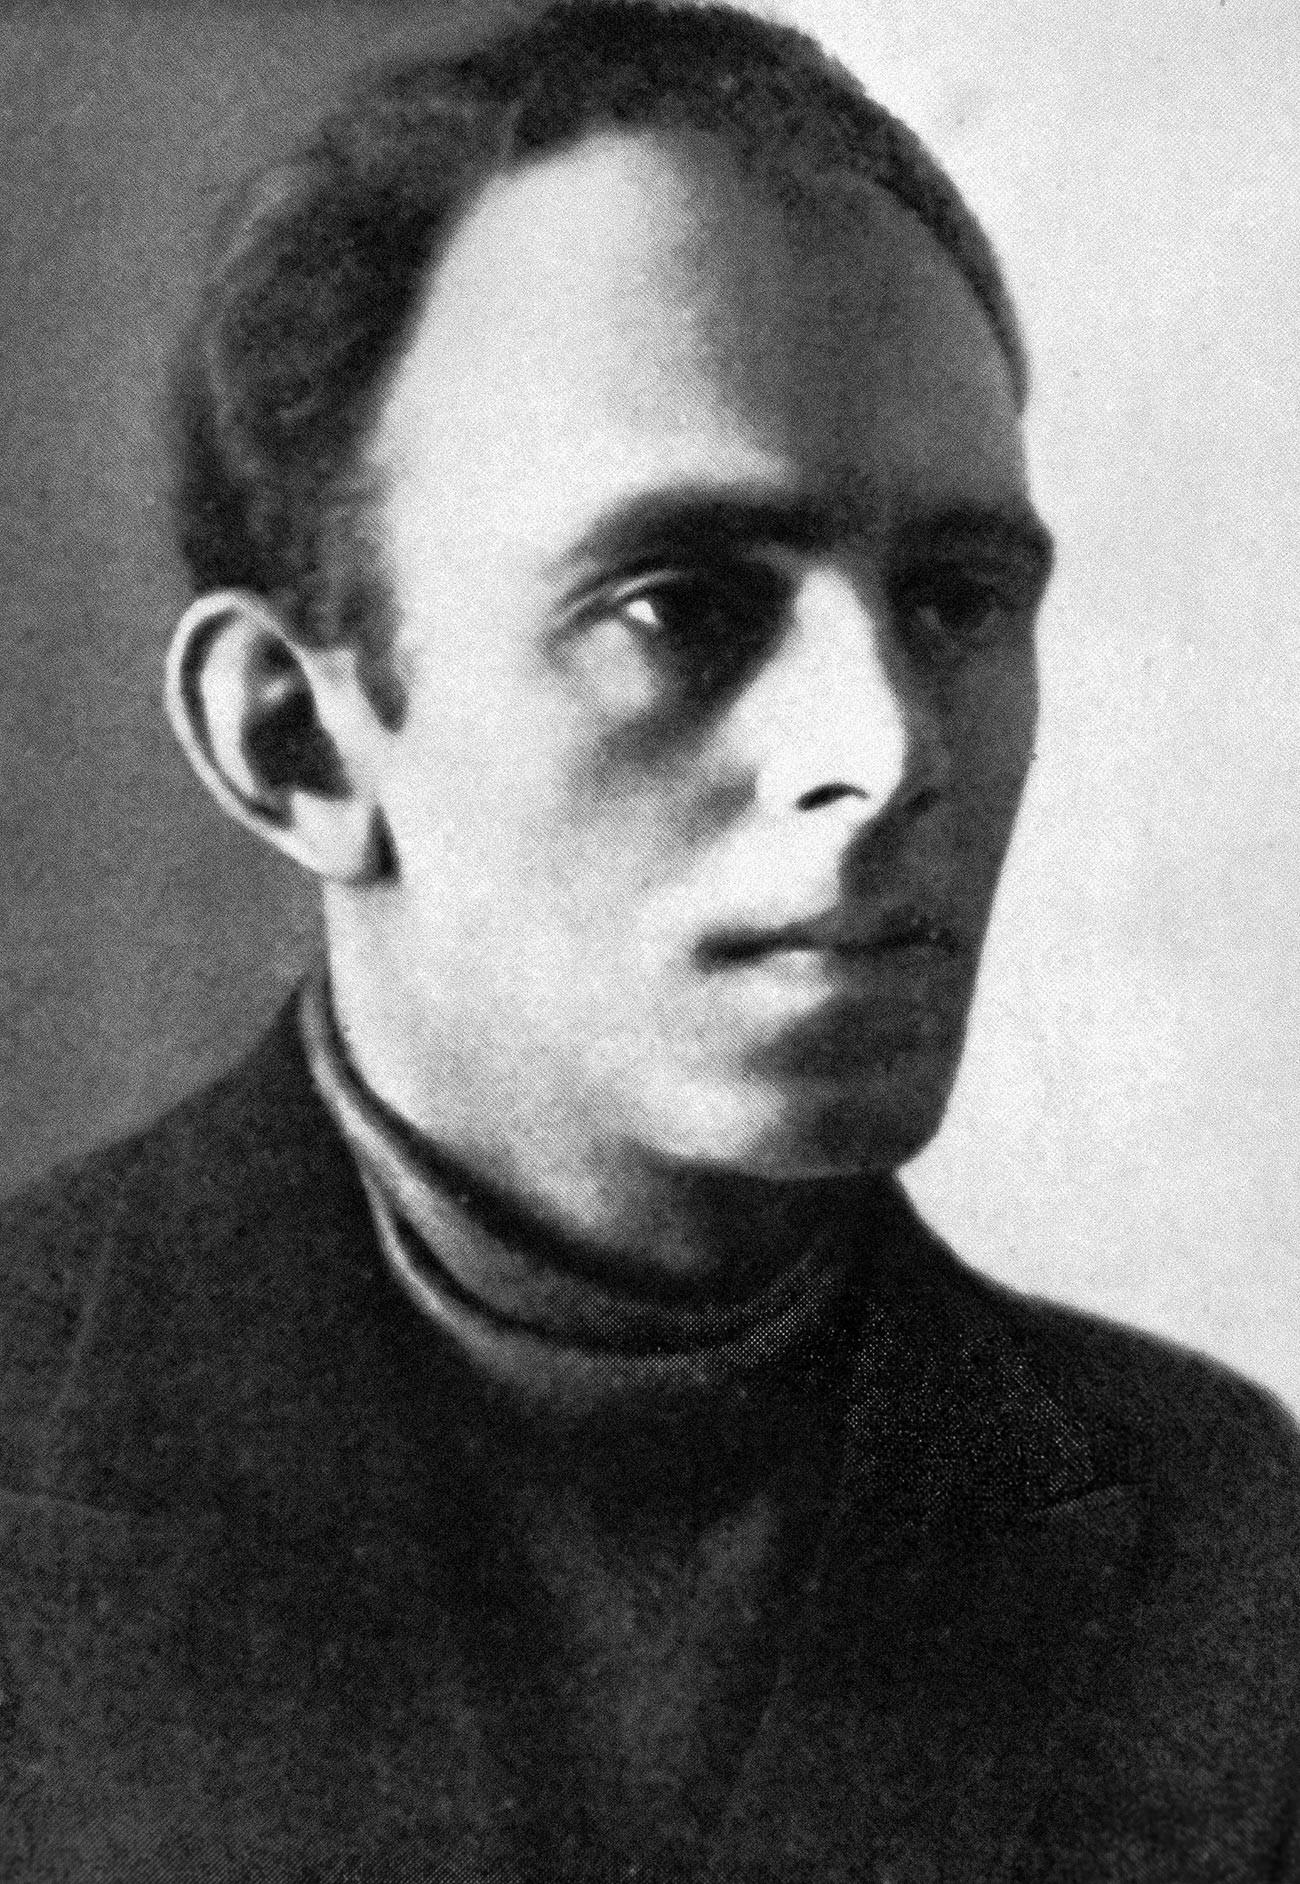 Osip Mandelshtam